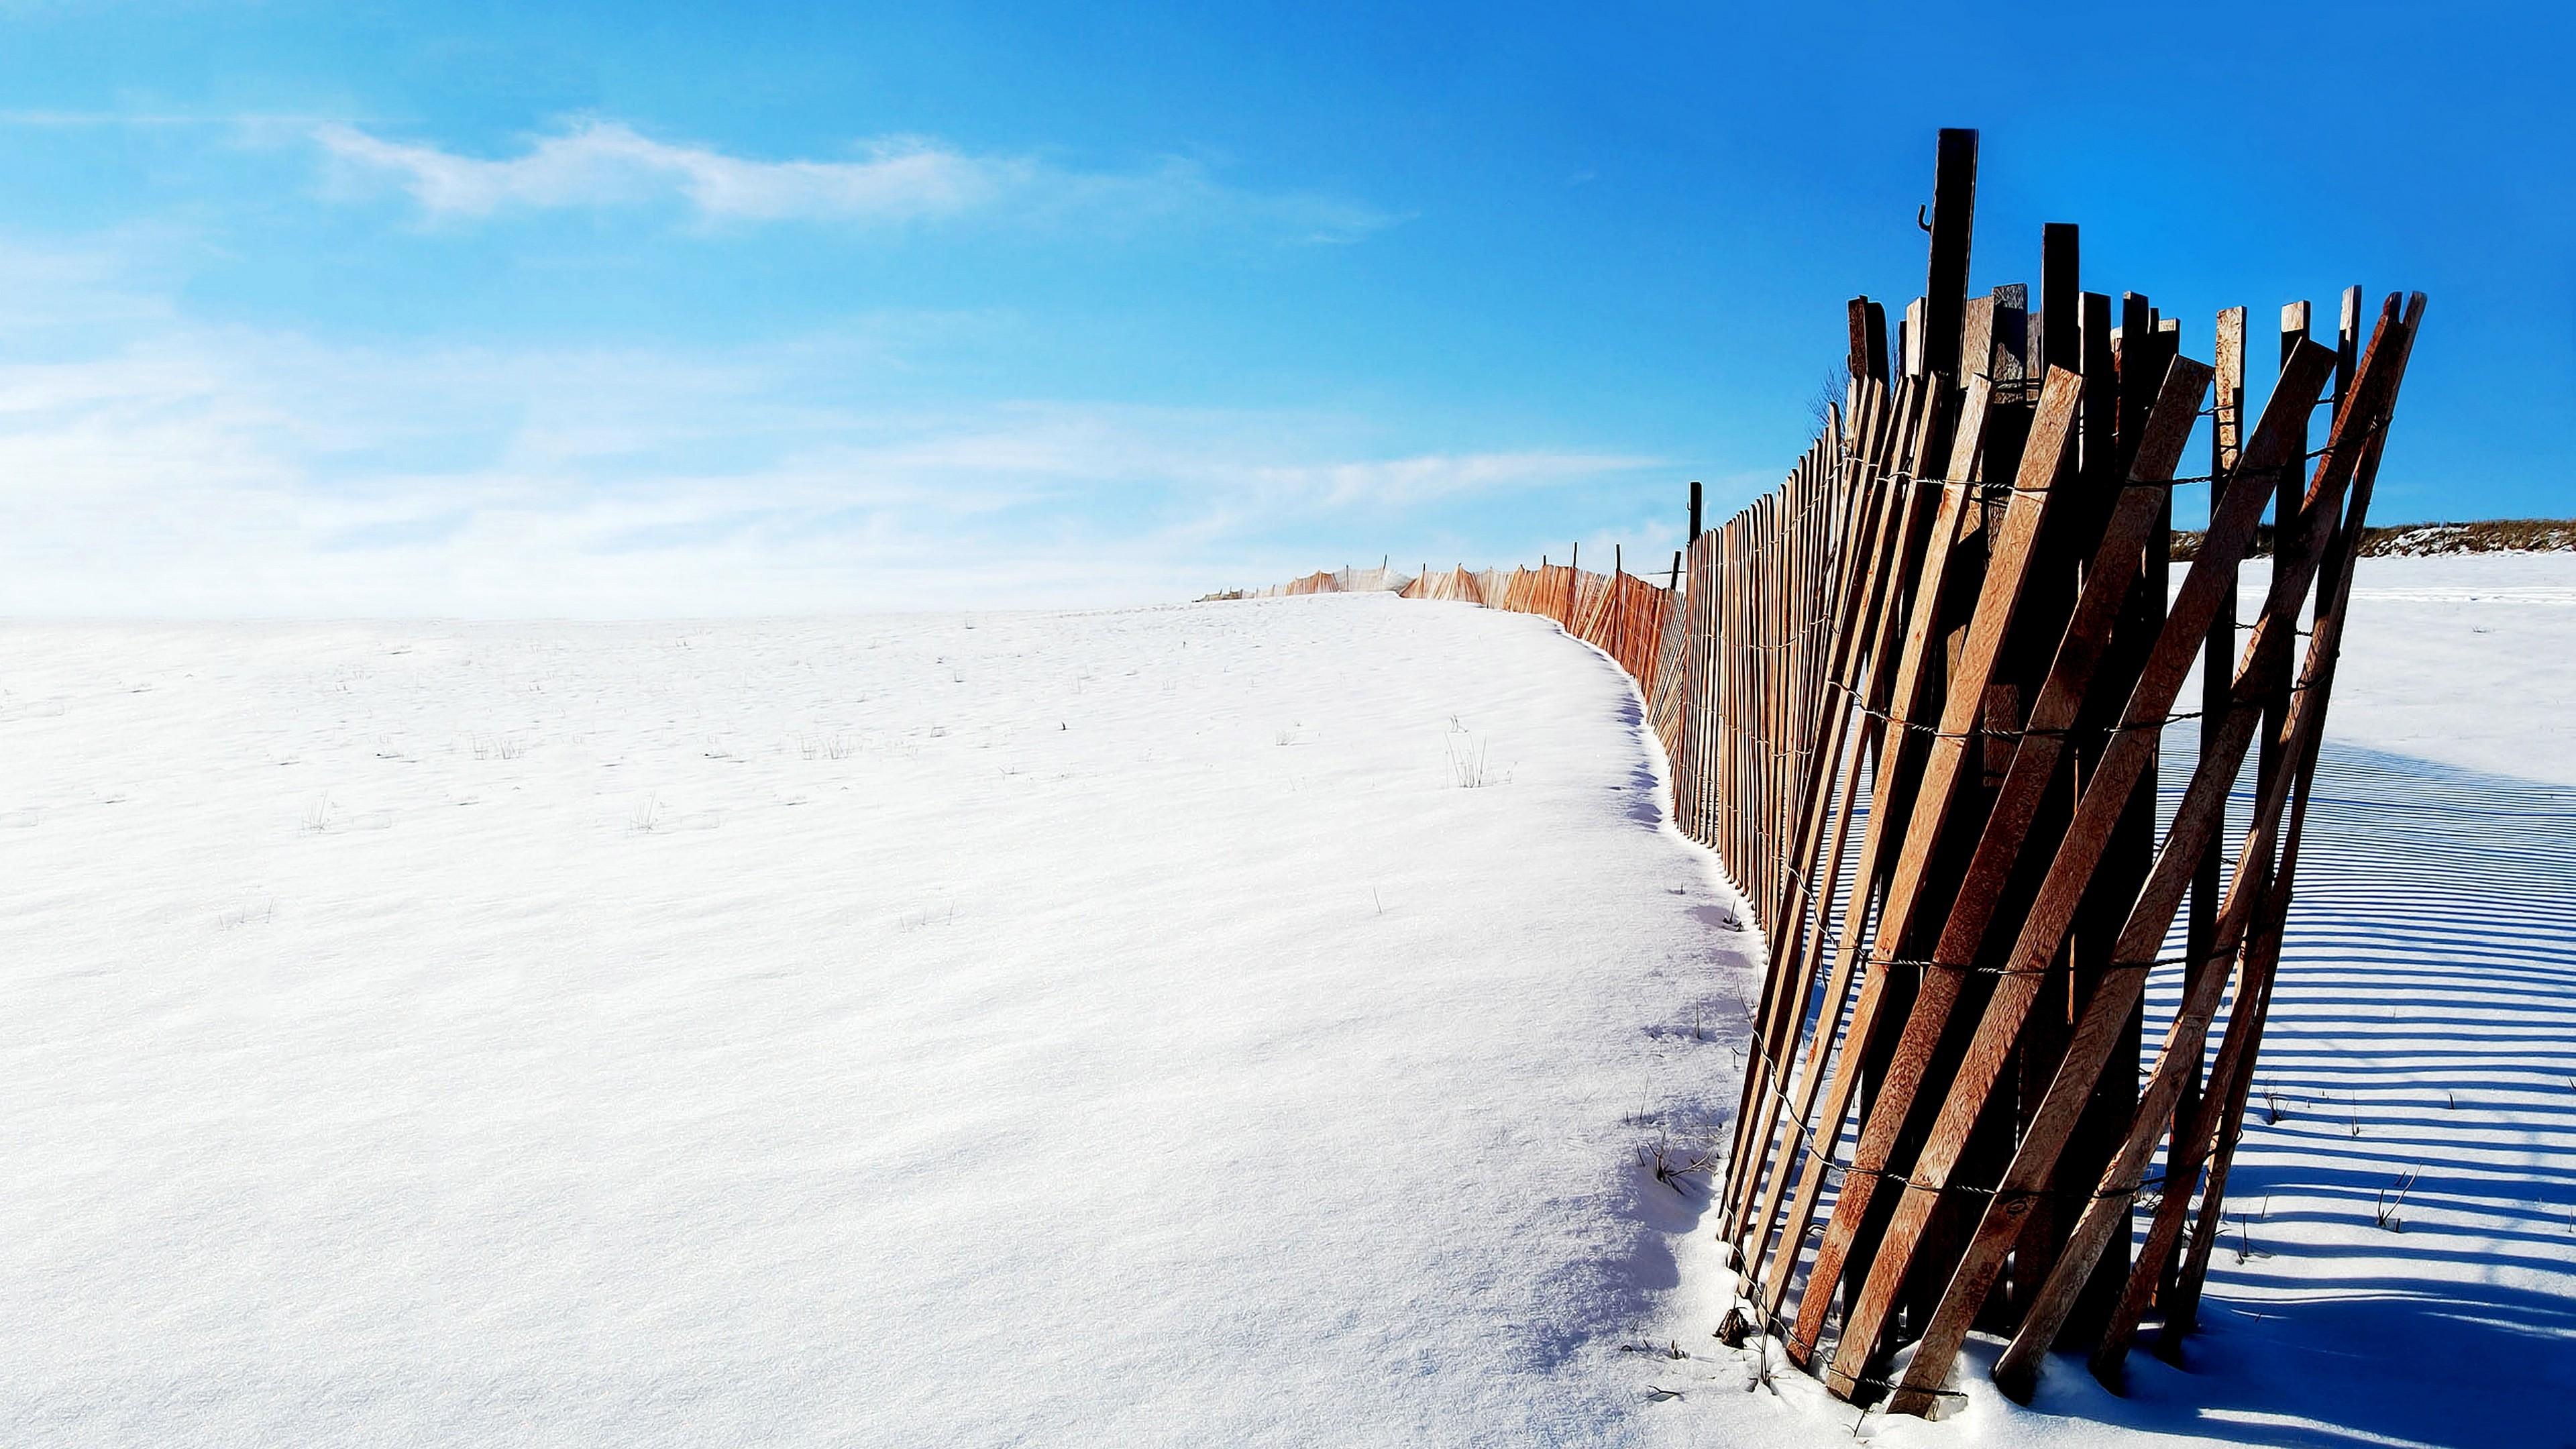 забор снег зима без регистрации